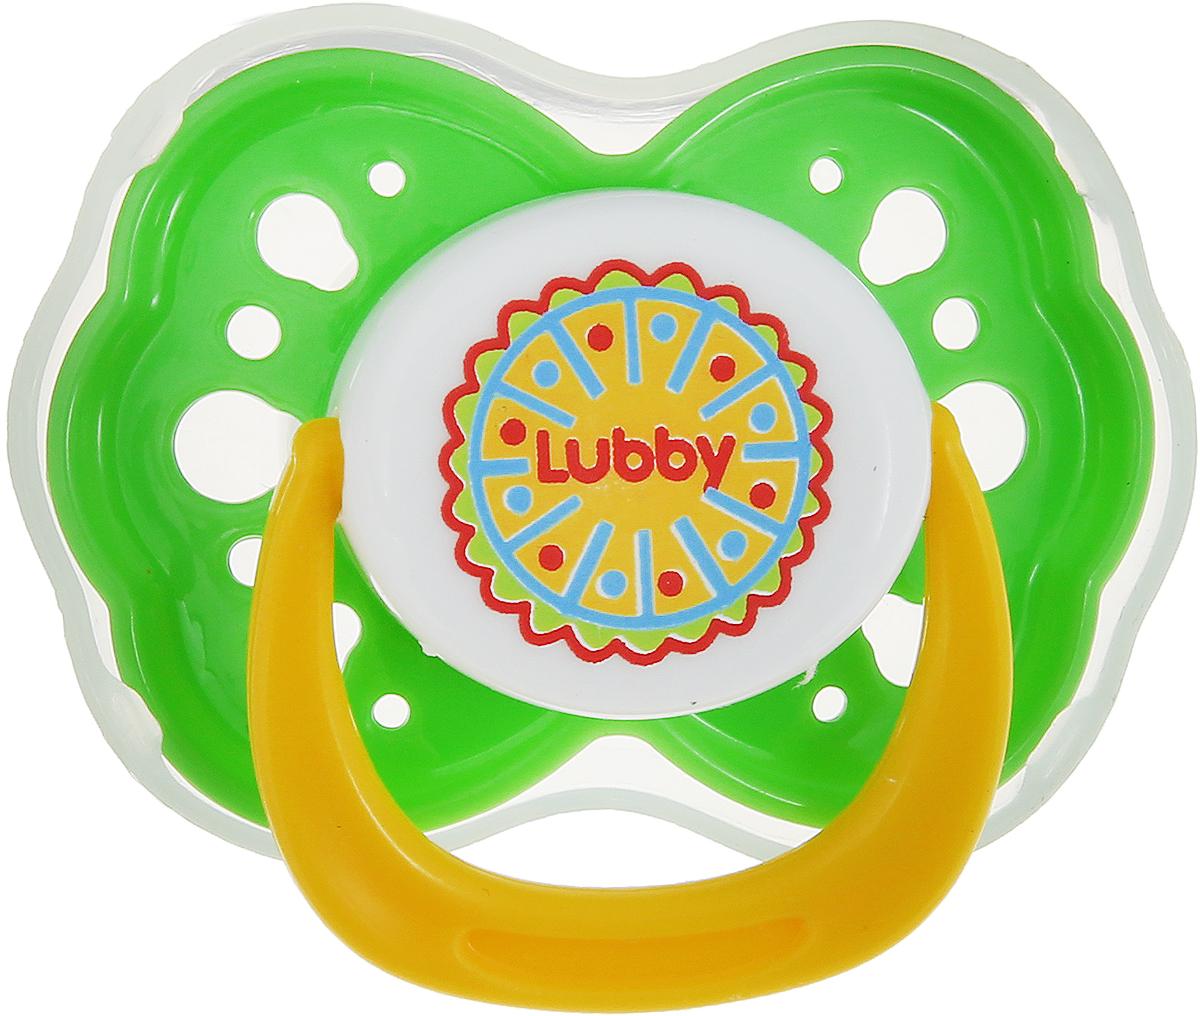 Lubby Пустышка силиконовая от 6 месяцев цвет зеленый желтый lubby